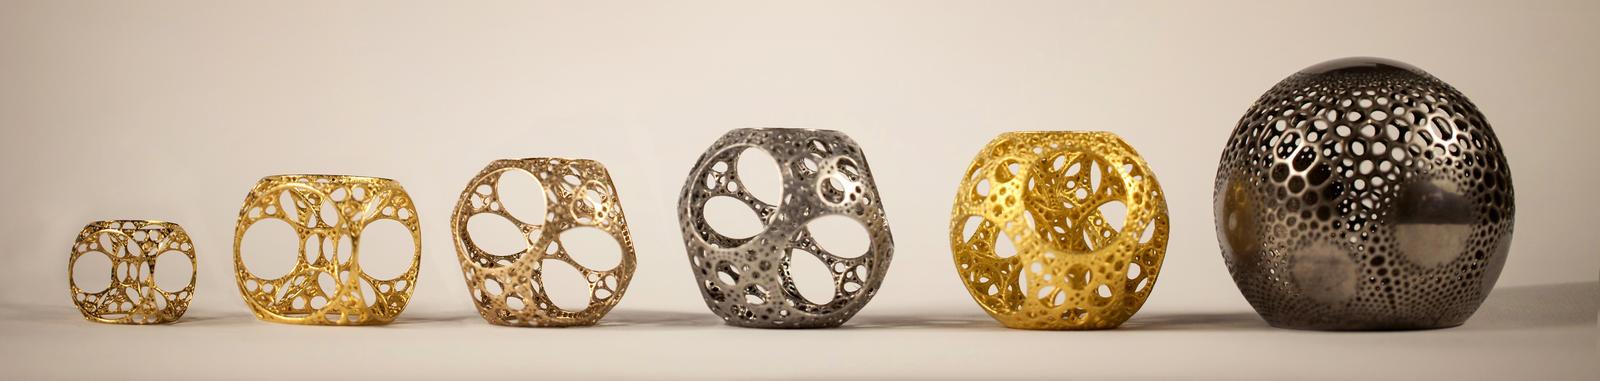 Metallic 3D fractals